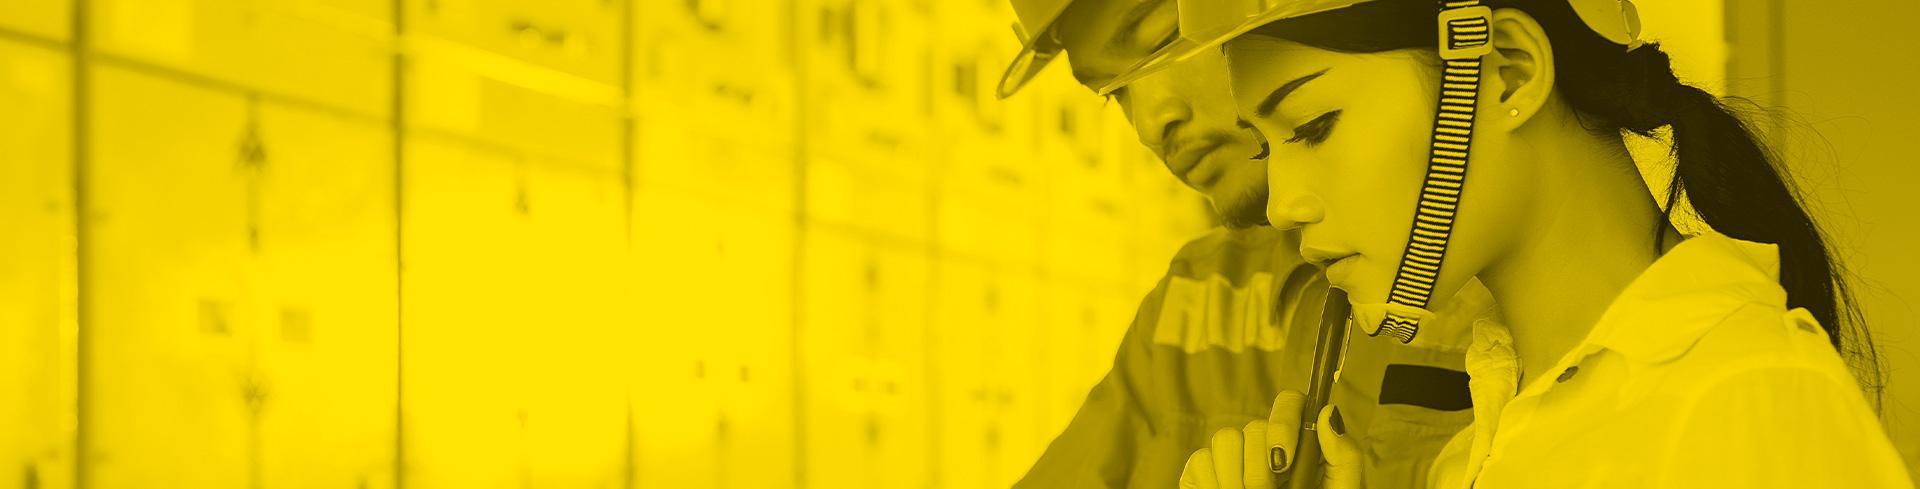 Seguridad, análisis y gestión del riesgo de arco eléctrico